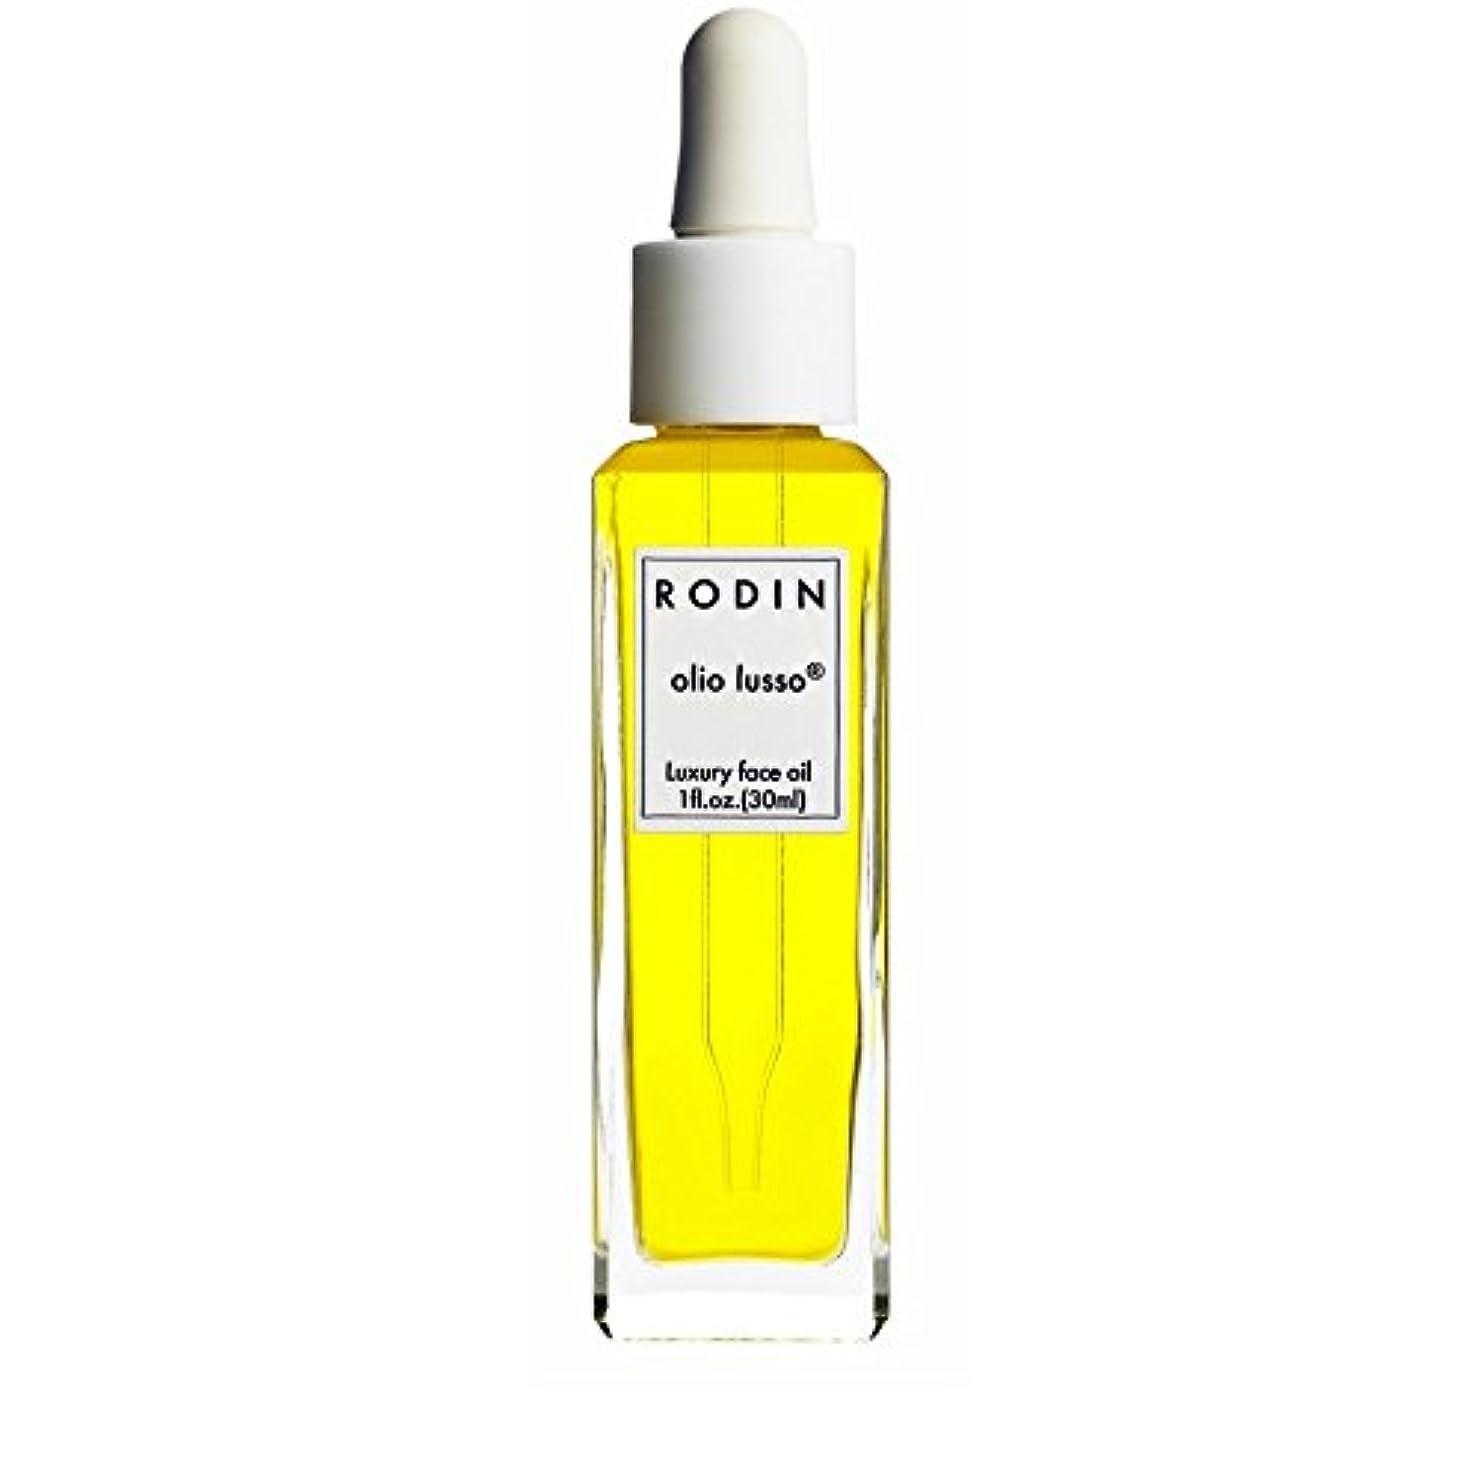 レジデンス開示する弱点RODIN olio lusso Jasmine & Neroli Luxury Face Oil 30ml - ロダンルッソジャスミン&ネロリ贅沢なフェイスオイル30ミリリットル [並行輸入品]